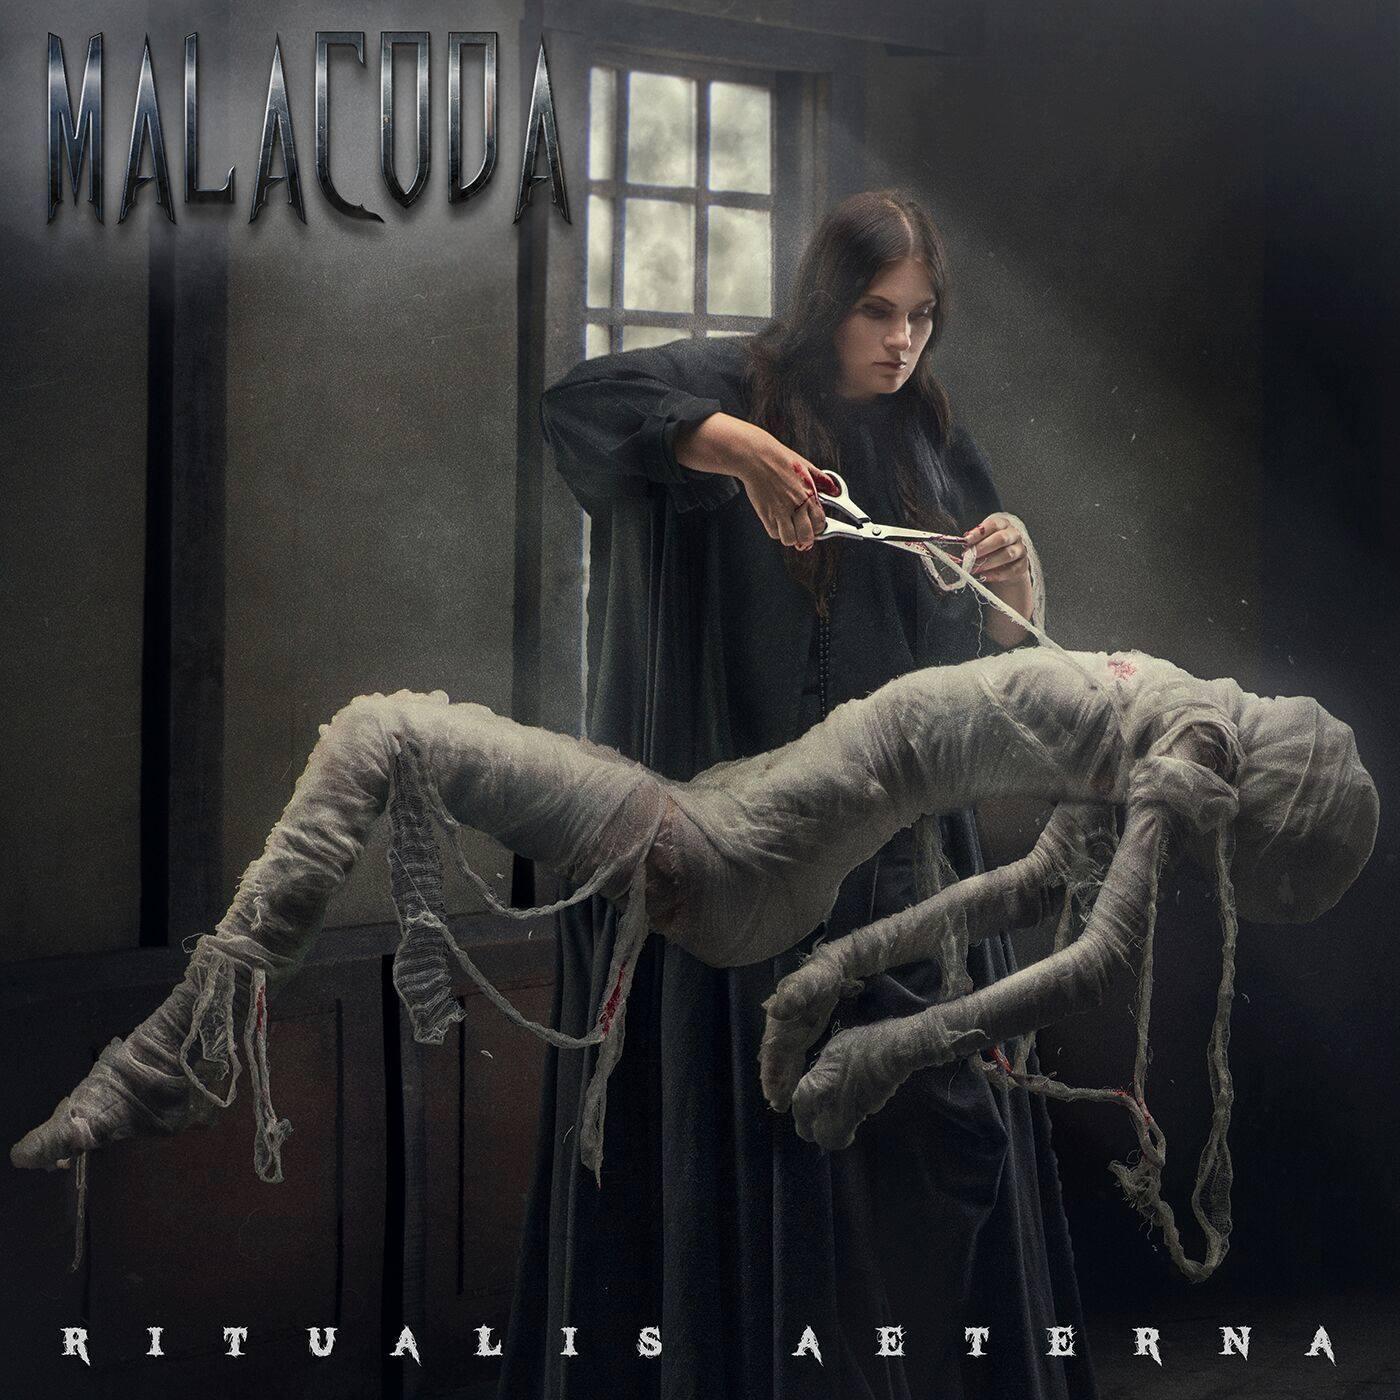 Ritualis Aeterna (EP) - Released Dec. 2nd 2016